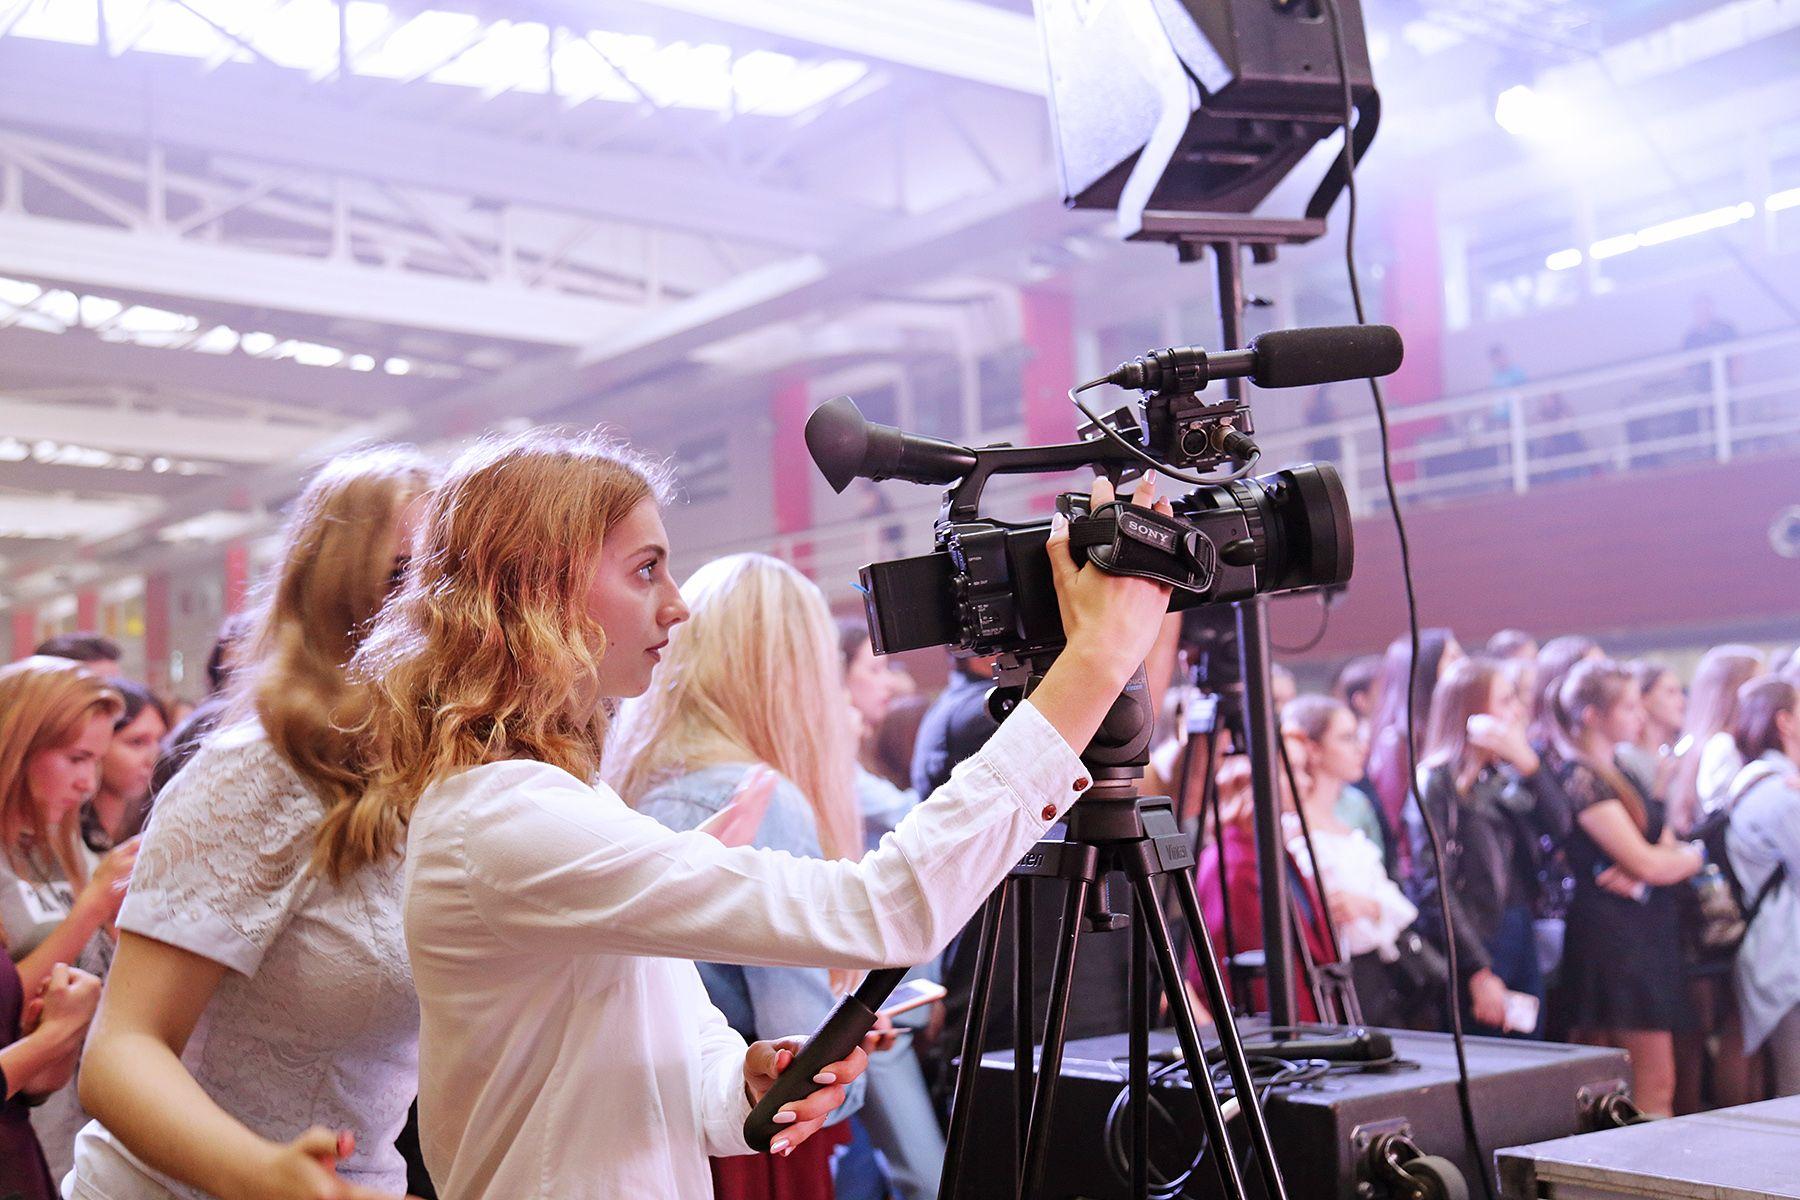 Ютуб-канал Высшей школы телевидения ВГУЭС: учебная практика и путь к трансляции на федеральных каналах